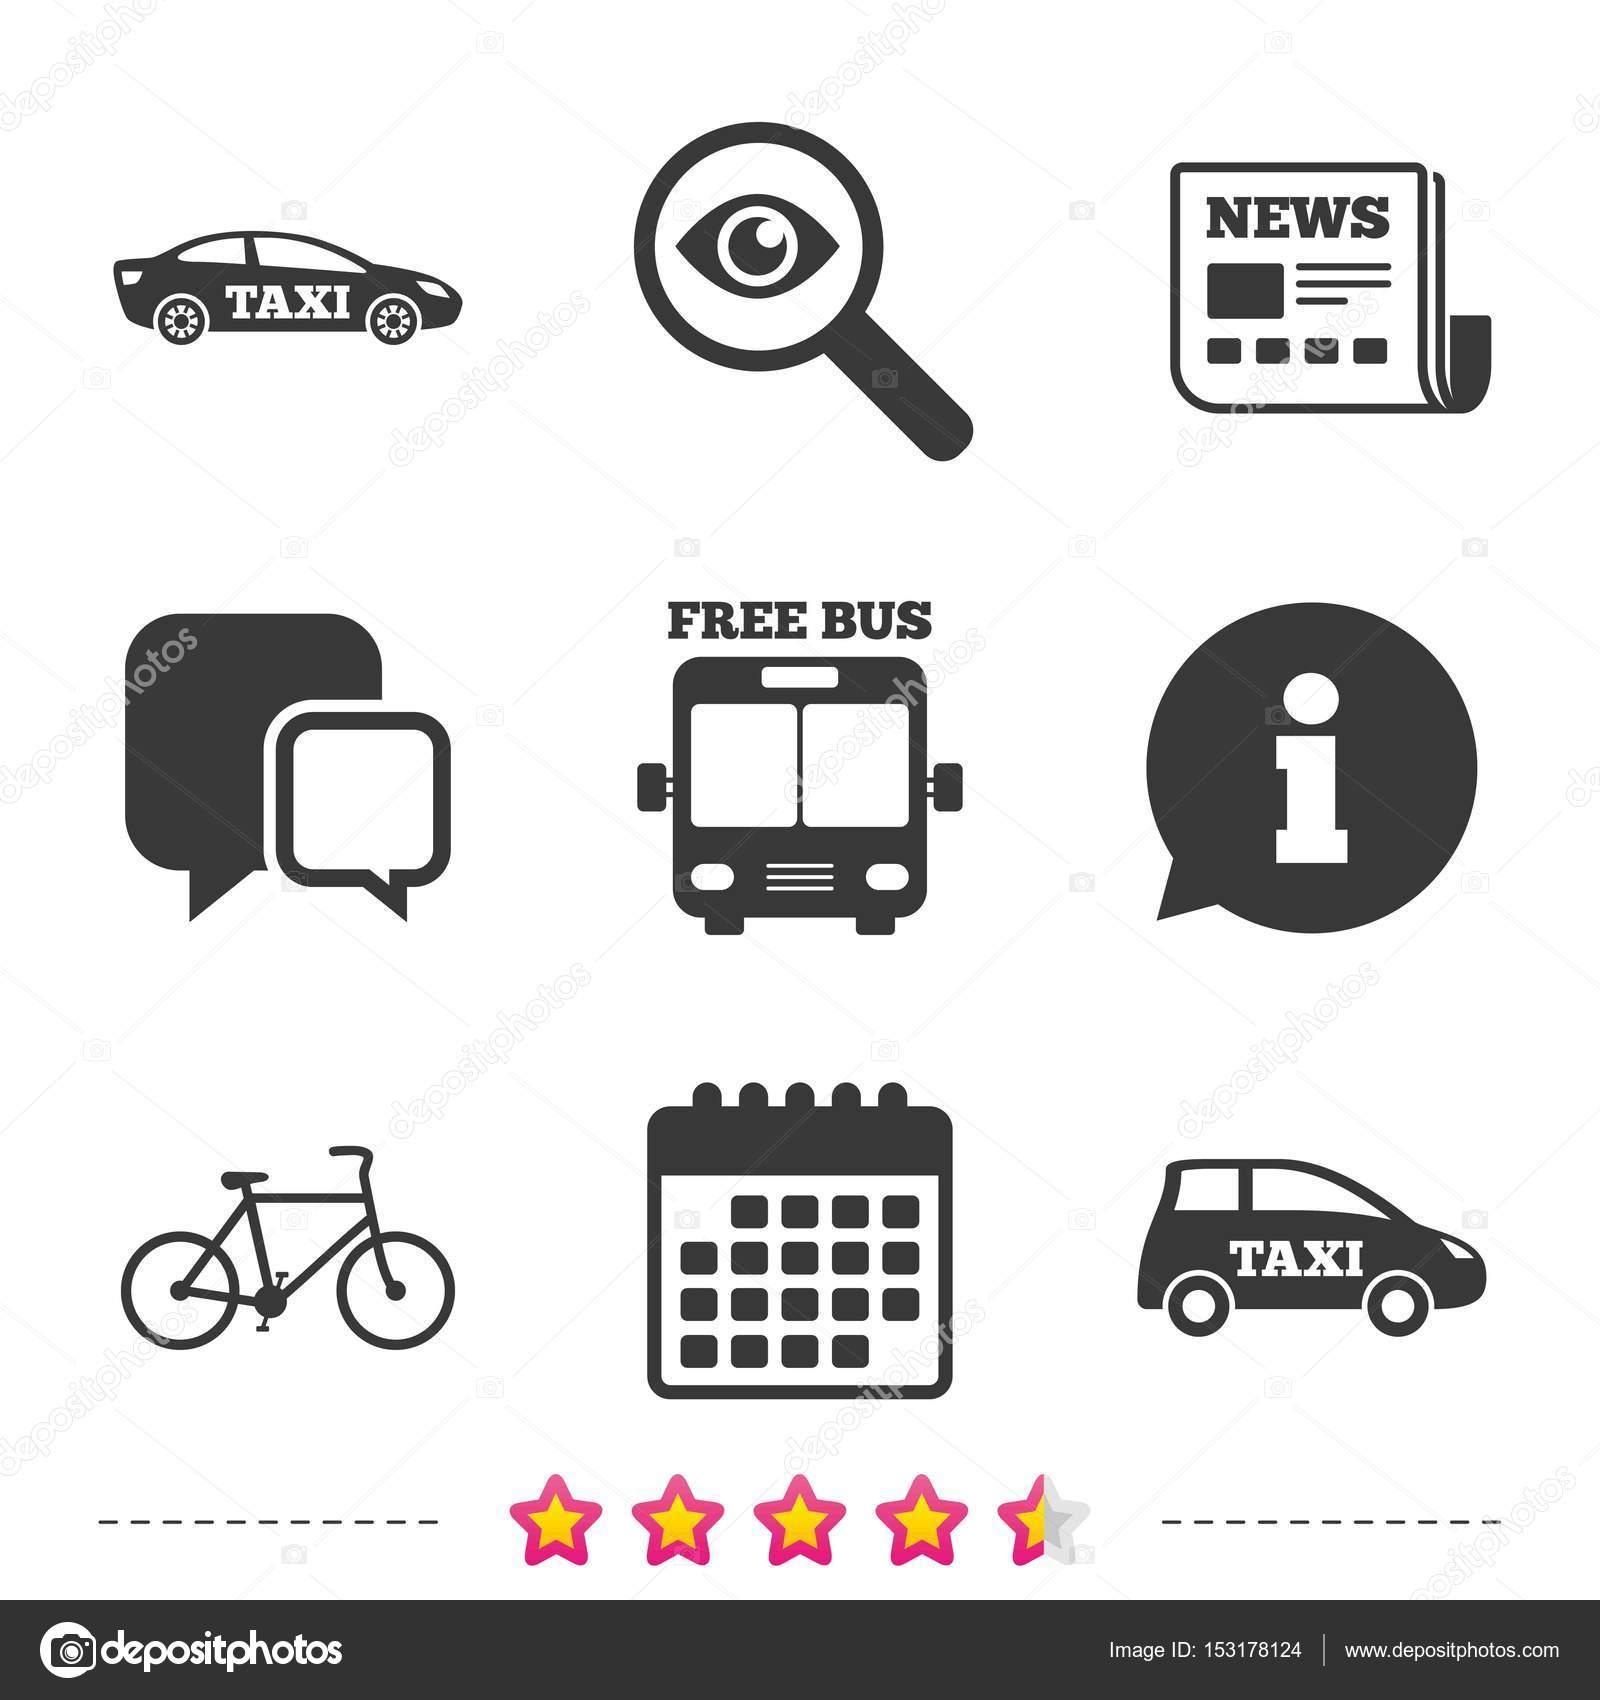 公共交通機関アイコン。無料バス、自転車標識 — ストックベクター